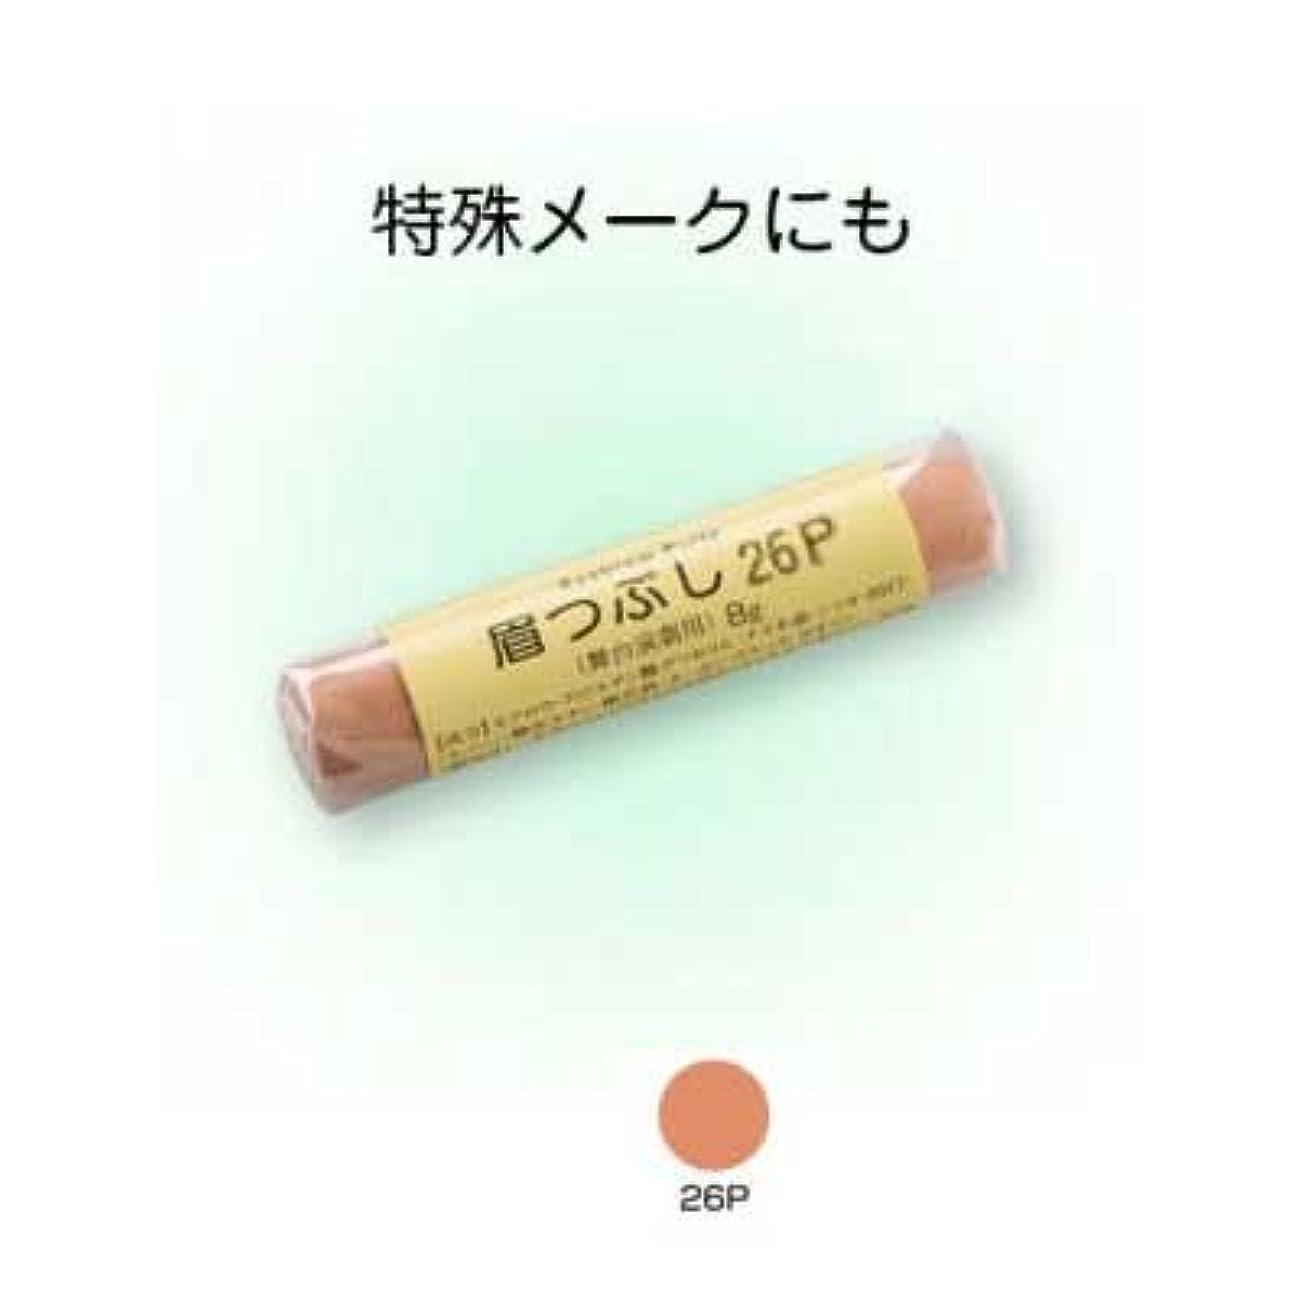 クレーンみケーキ眉つぶし 26P【三善】